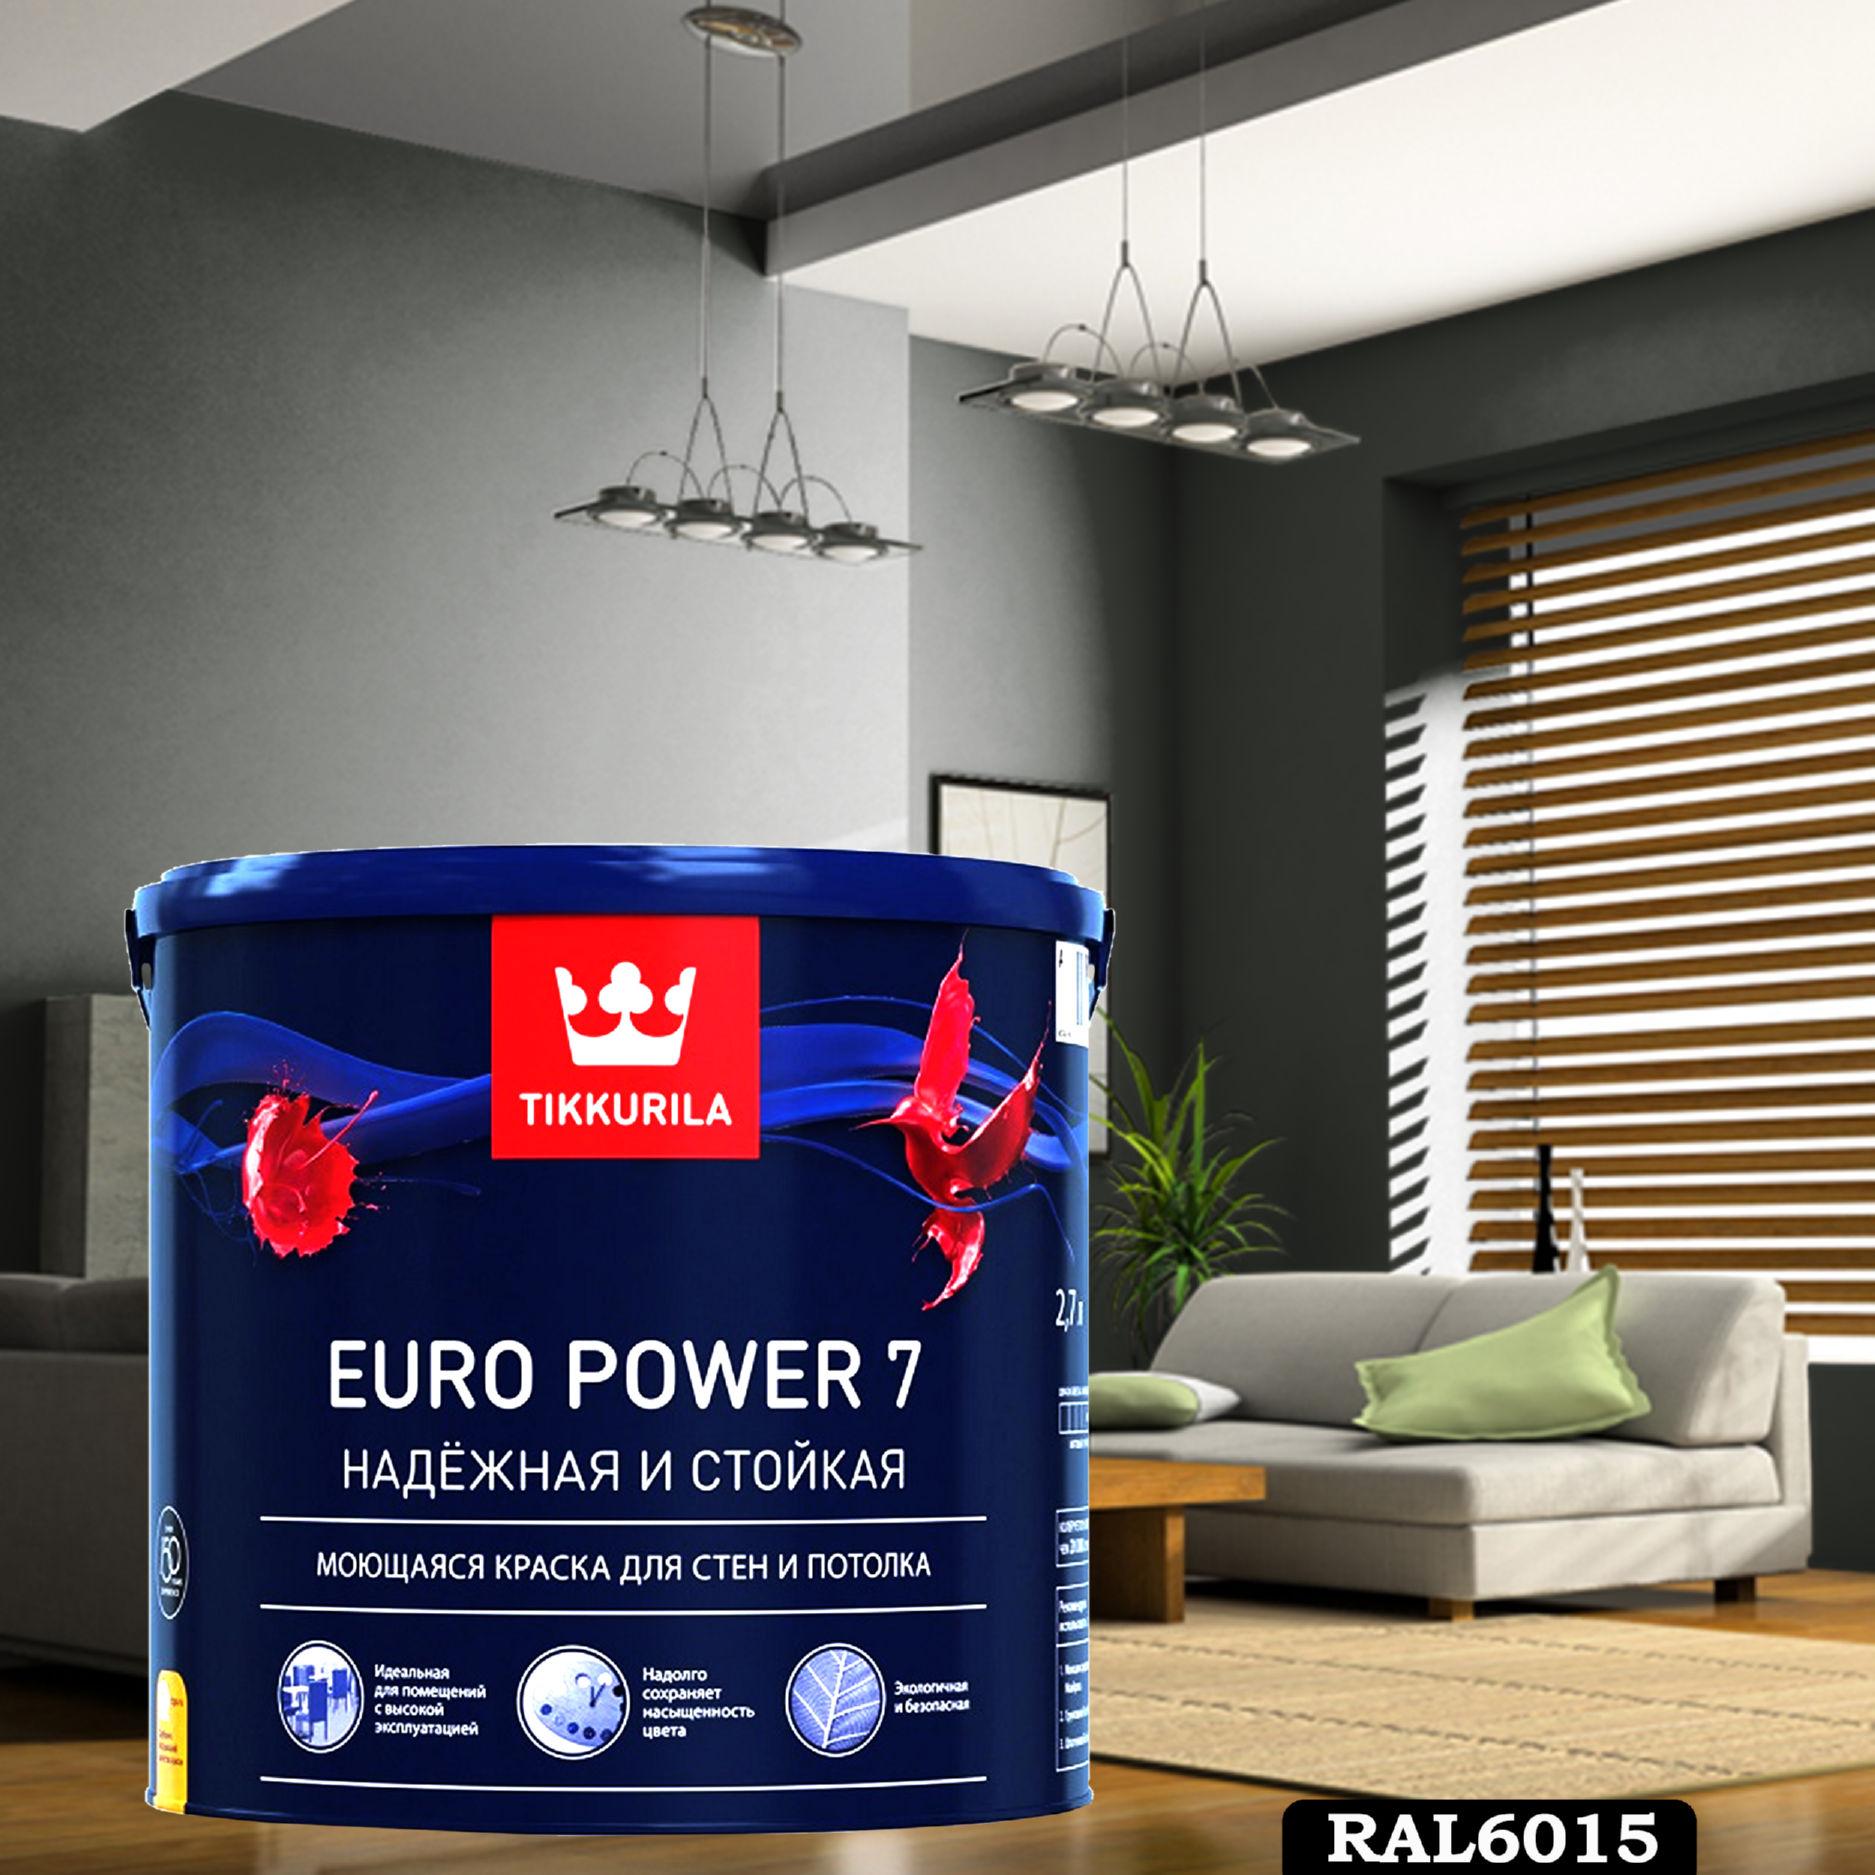 Фото 16 - Краска TIKKURILA Euro Power 7,  RAL 6015 Чёрно-оливковый, латексная моющаяся матовая интерьерная, 9 л.